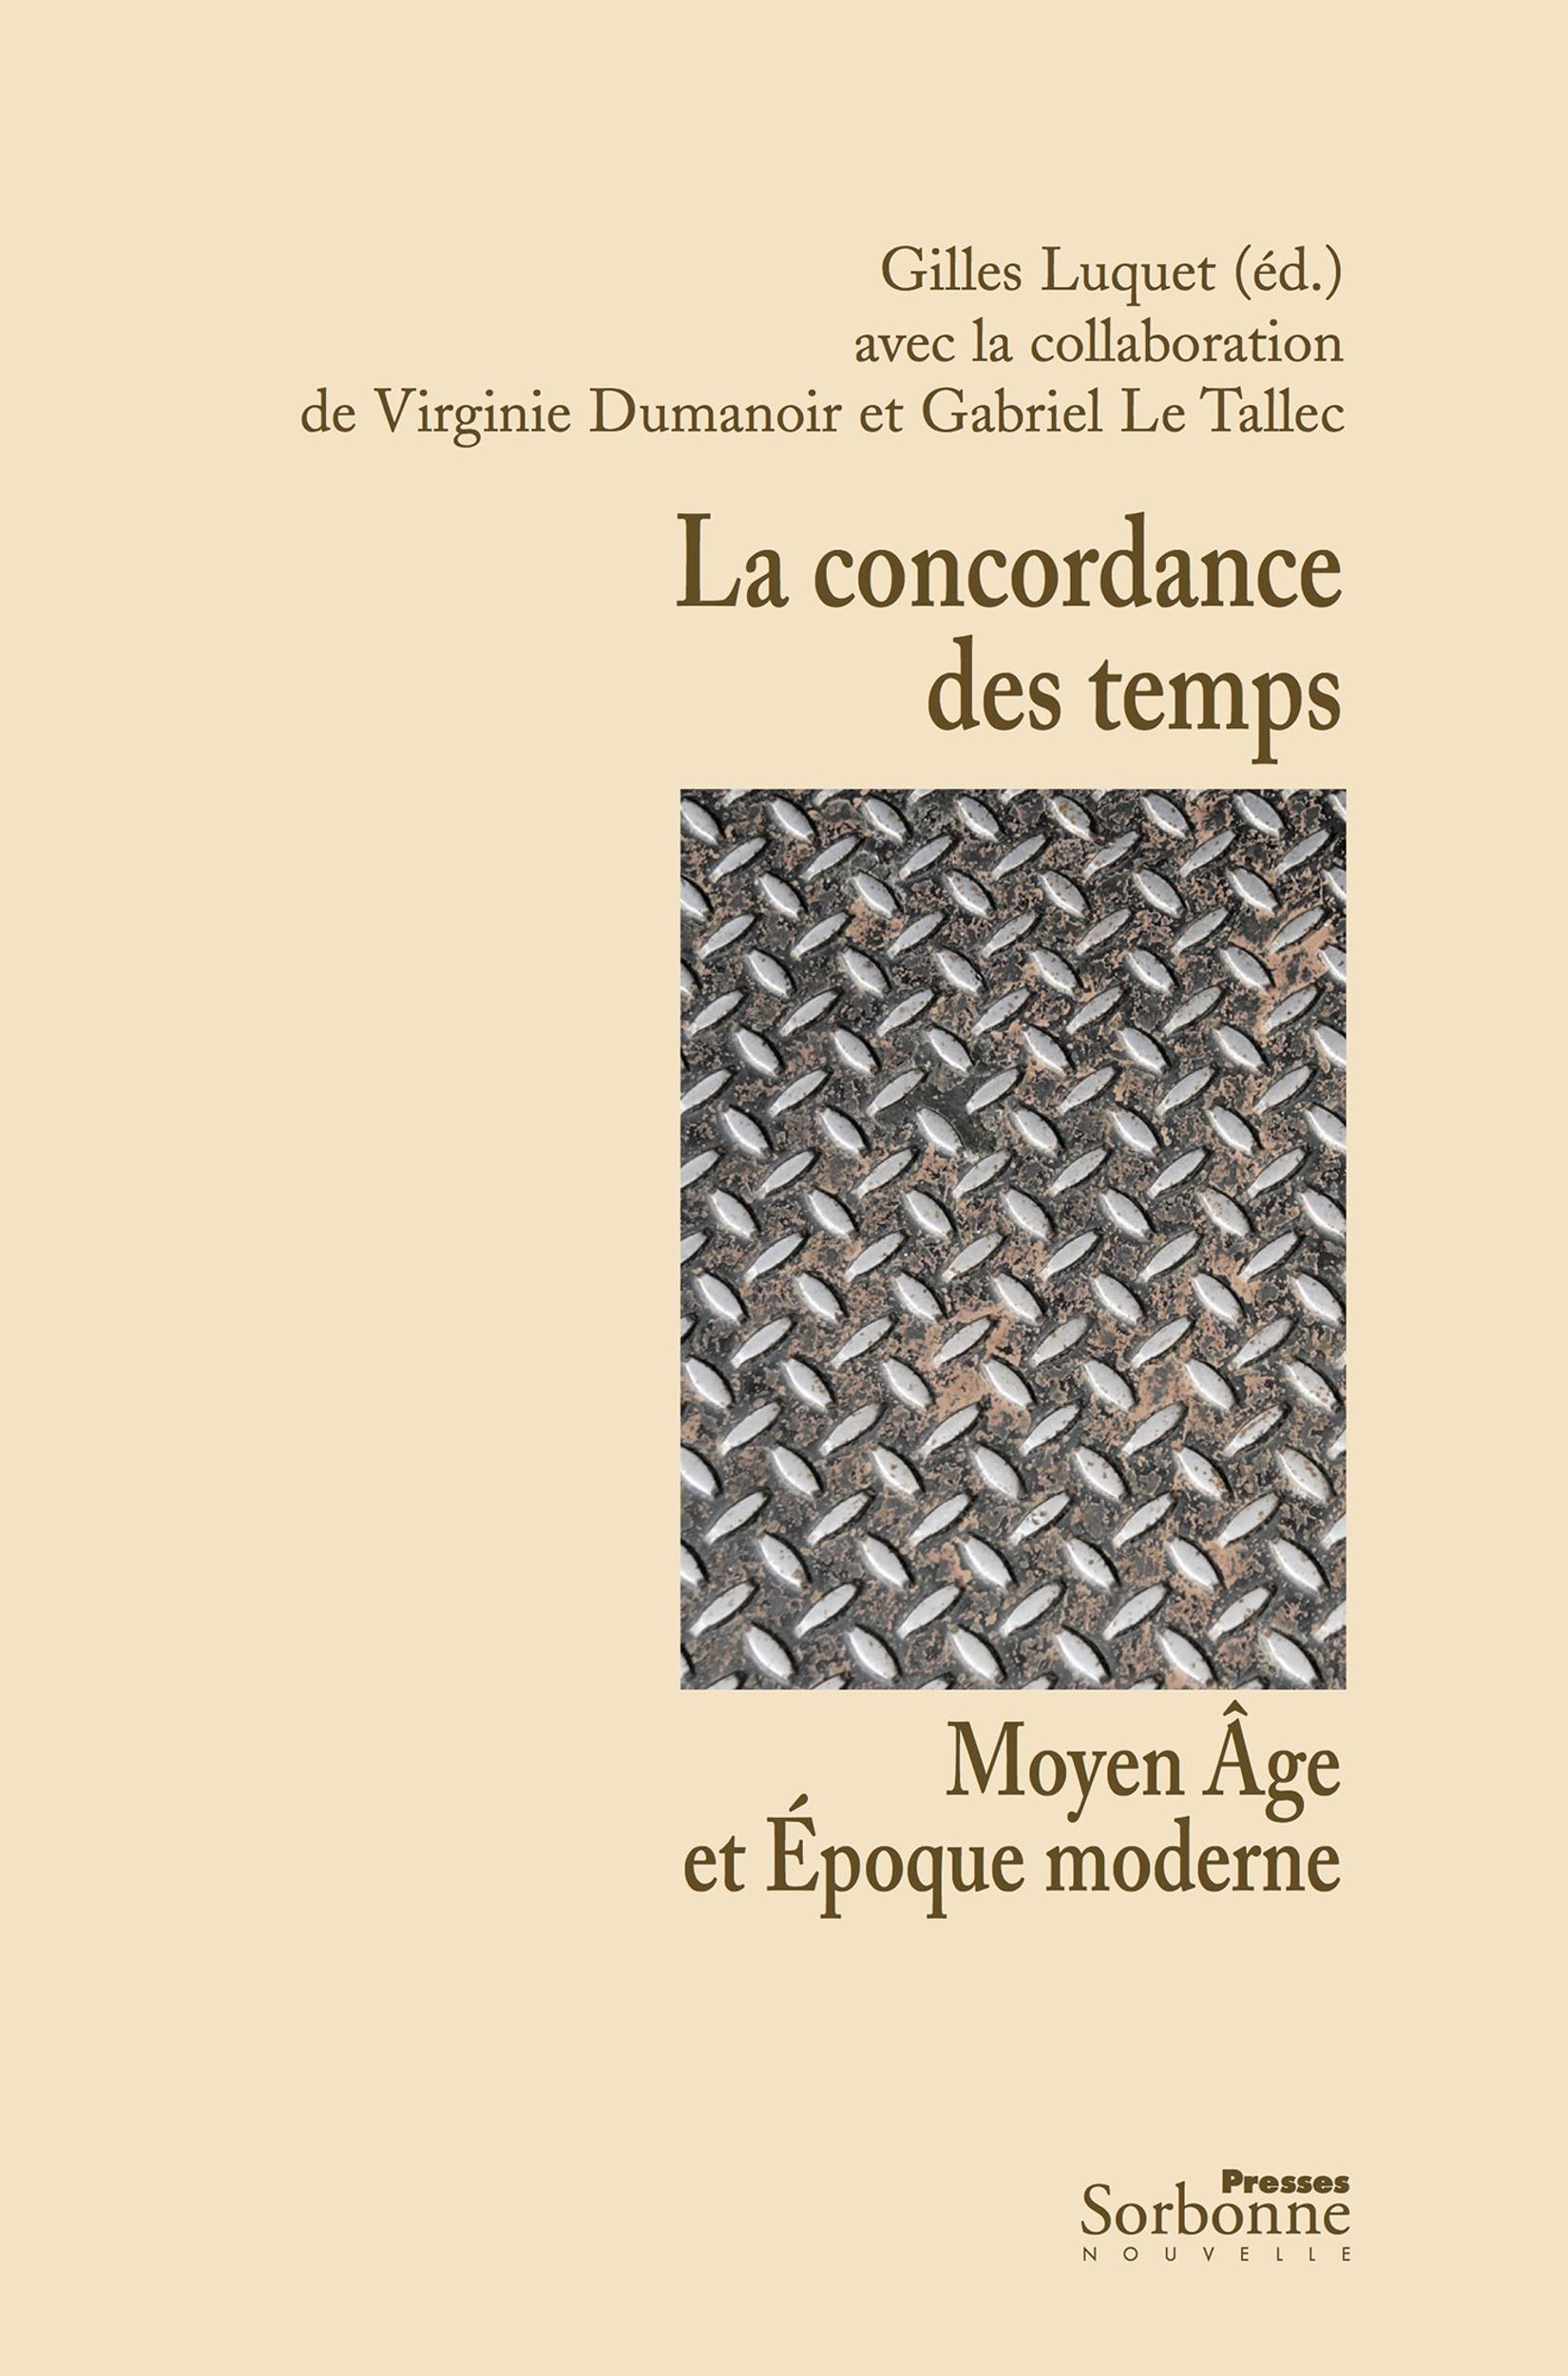 la concordance des temps ; Moyen Age et Epoque moderne